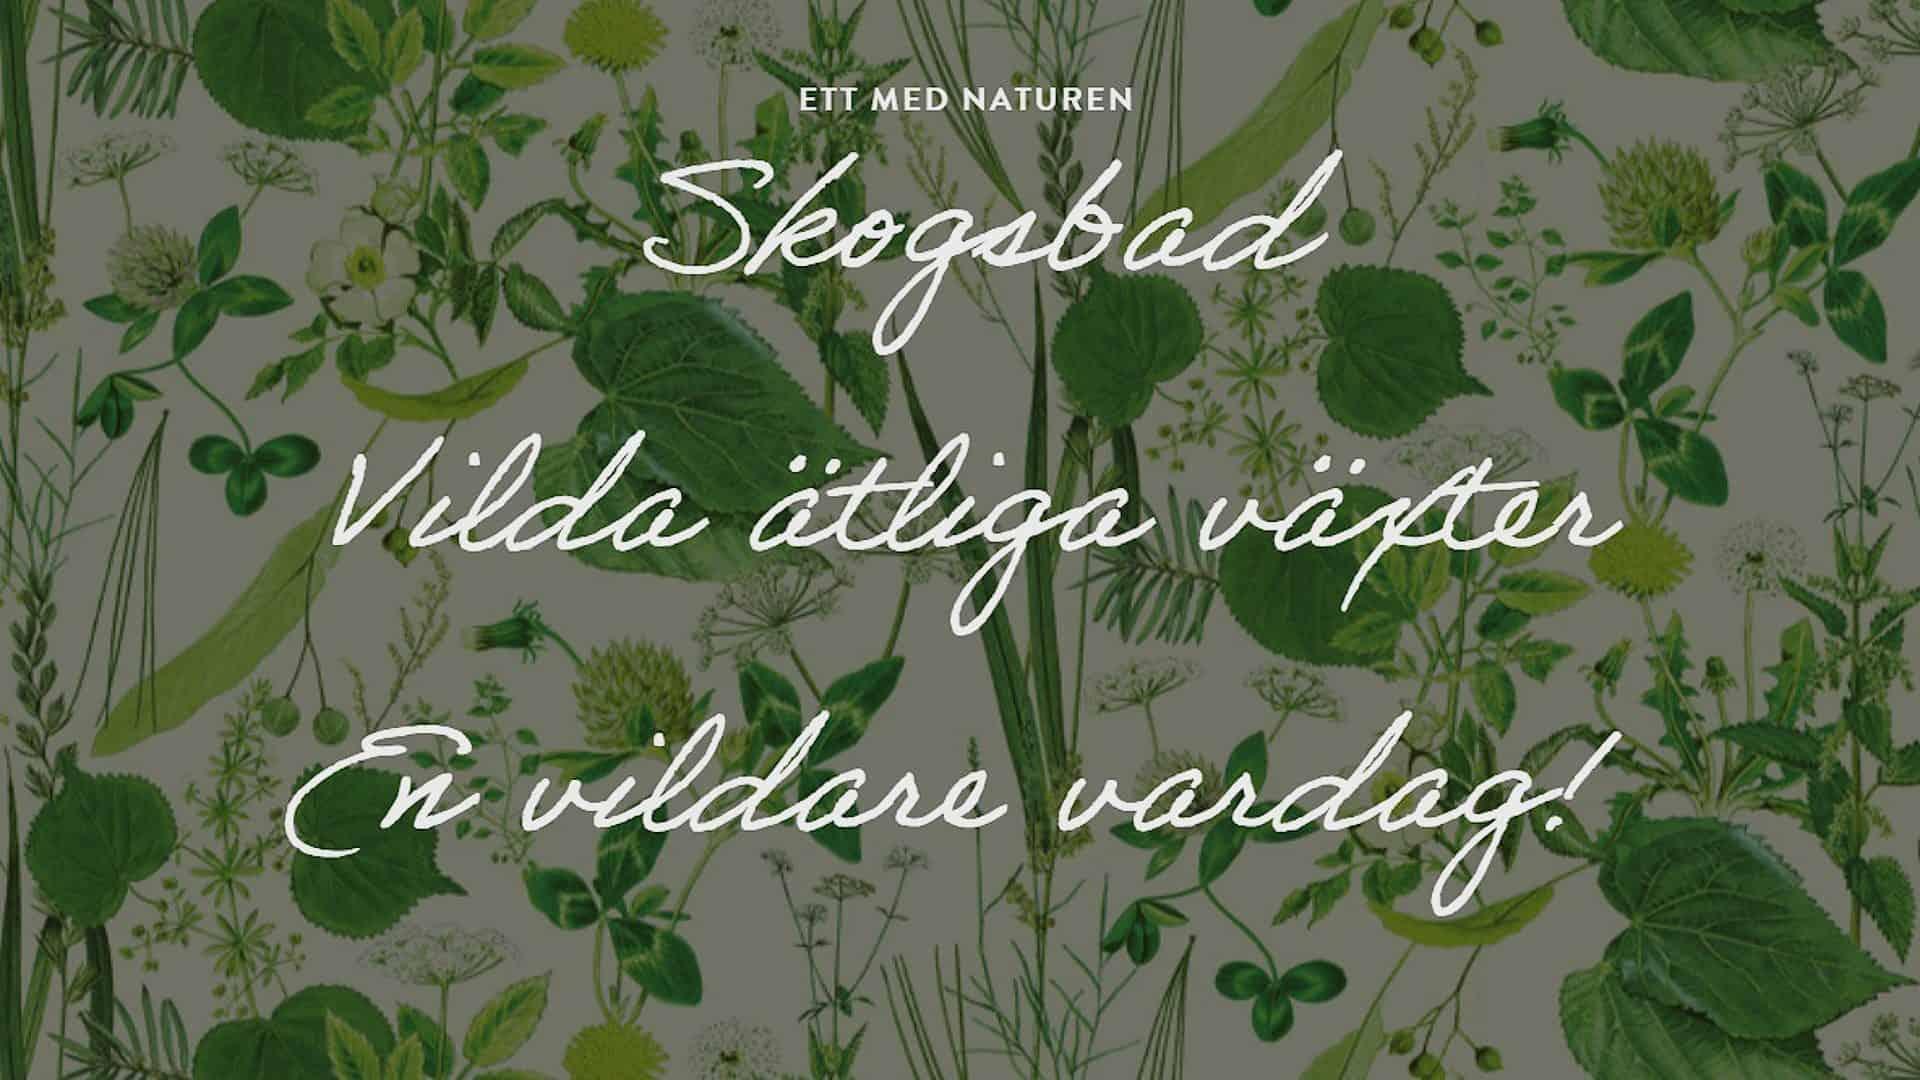 Vildare vardag. Uppmaning av Lisen Sundgren